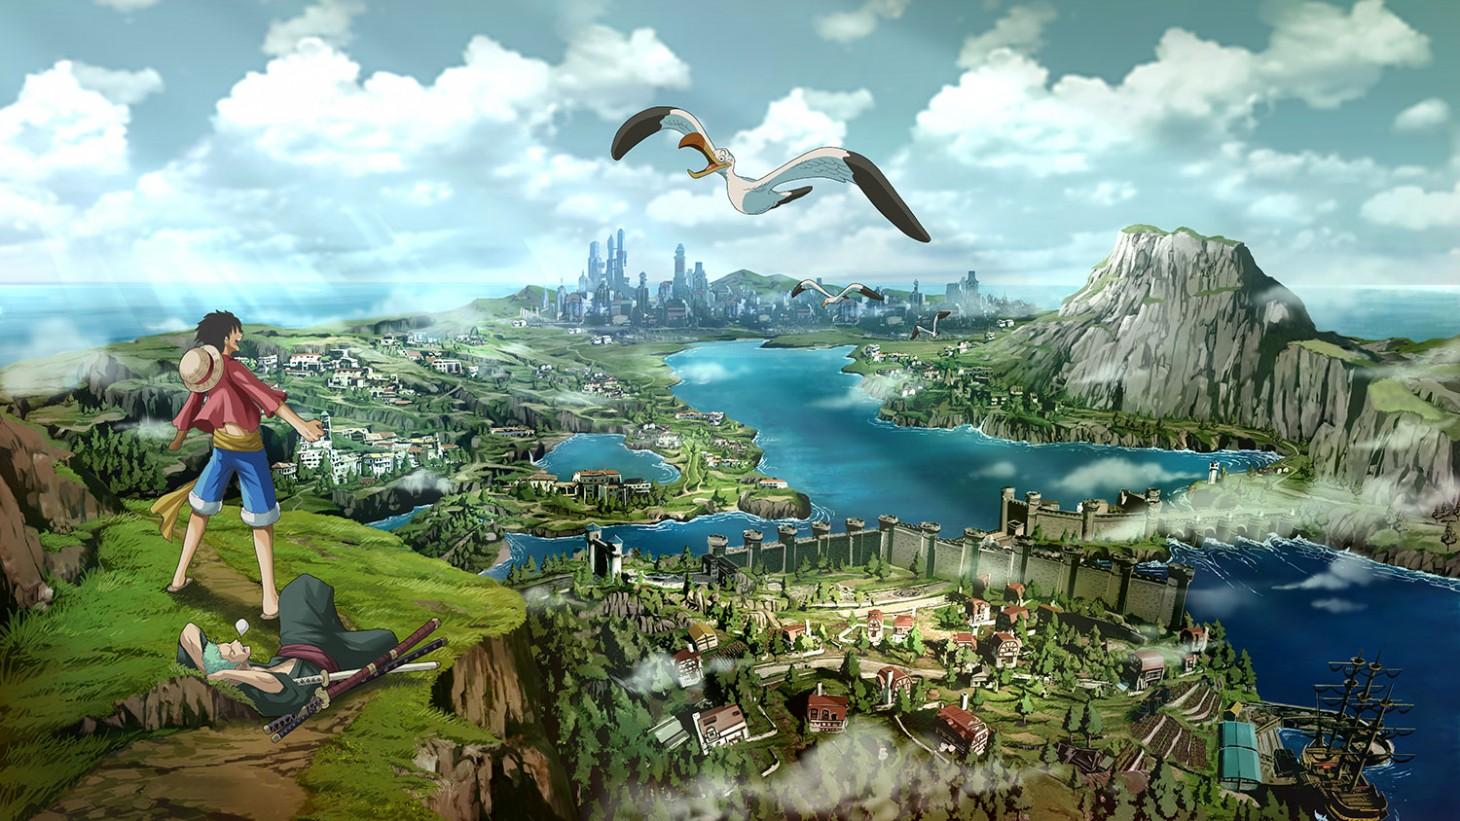 《海贼王:寻秘世界》Game Informer 评测 8 分:历代最佳海贼王游戏